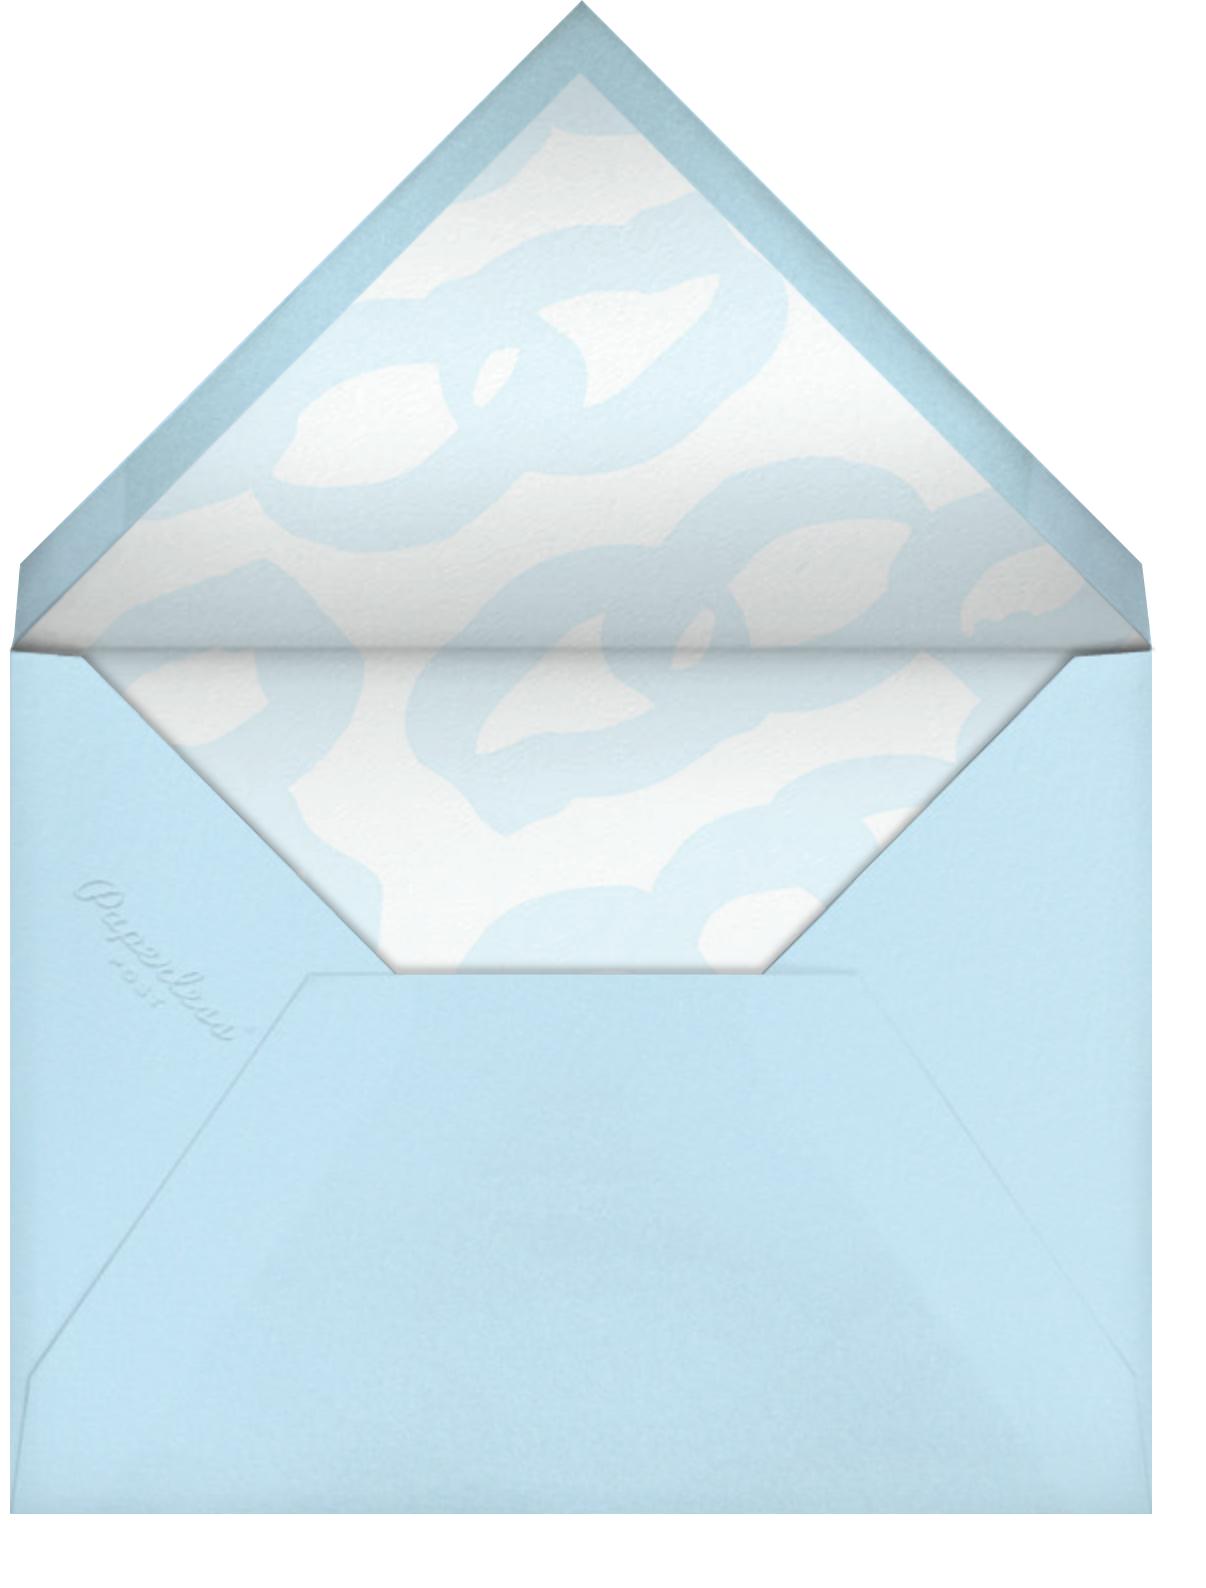 Sleepover - Black - Ashley G - Kids' birthday - envelope back